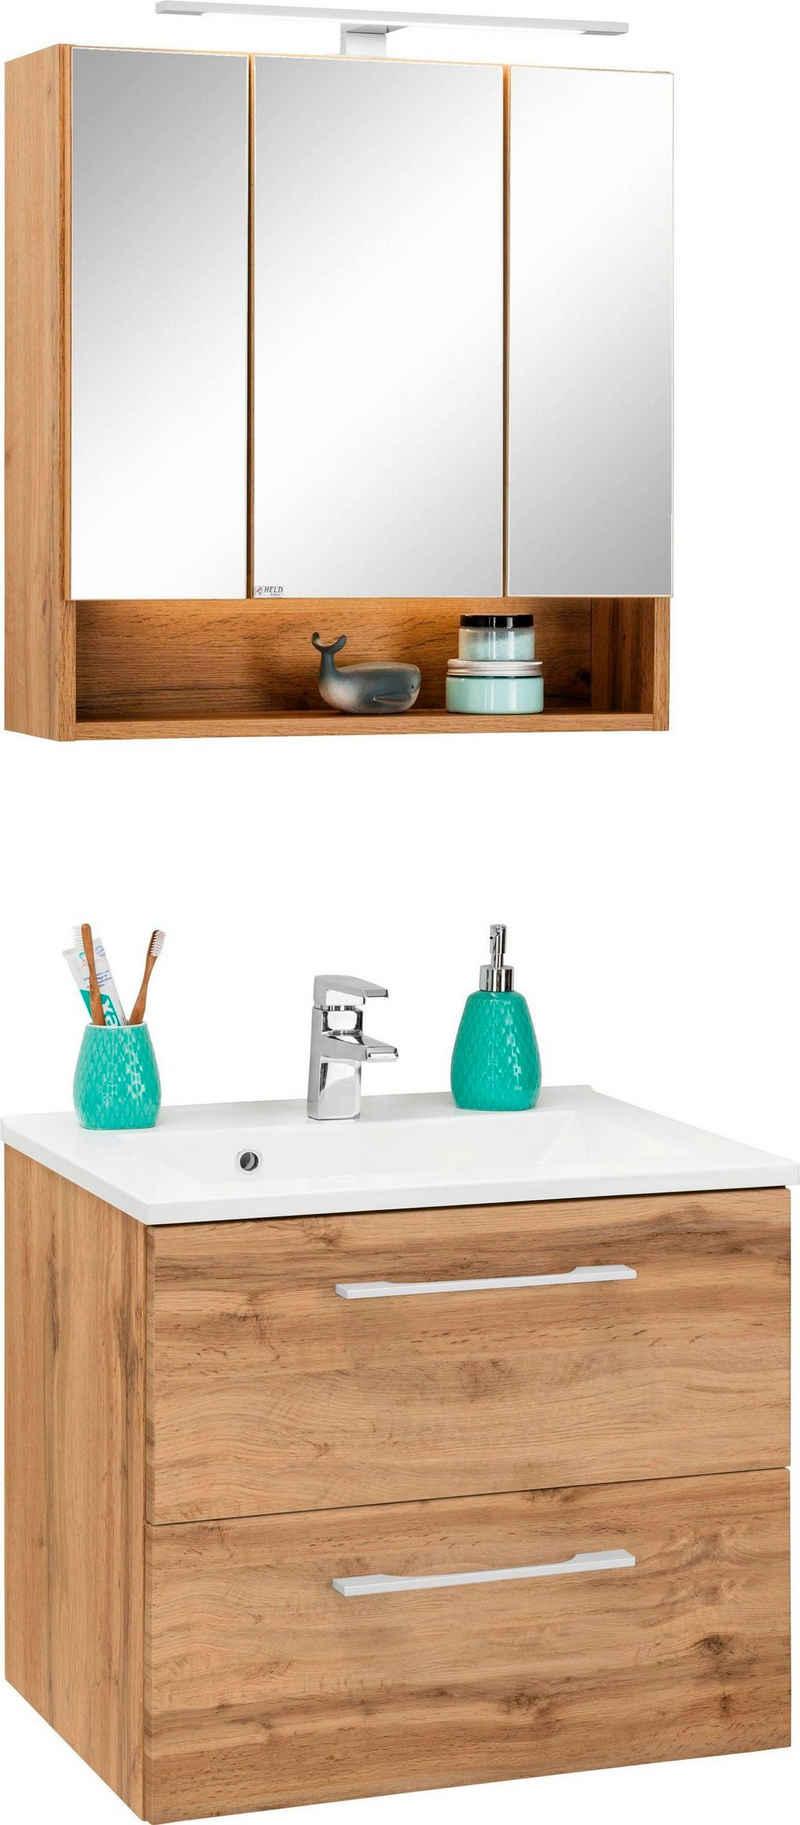 HELD MÖBEL Badmöbel-Set »Soria«, (2-St), Waschtisch Breite 60 cm, Spiegelschrank